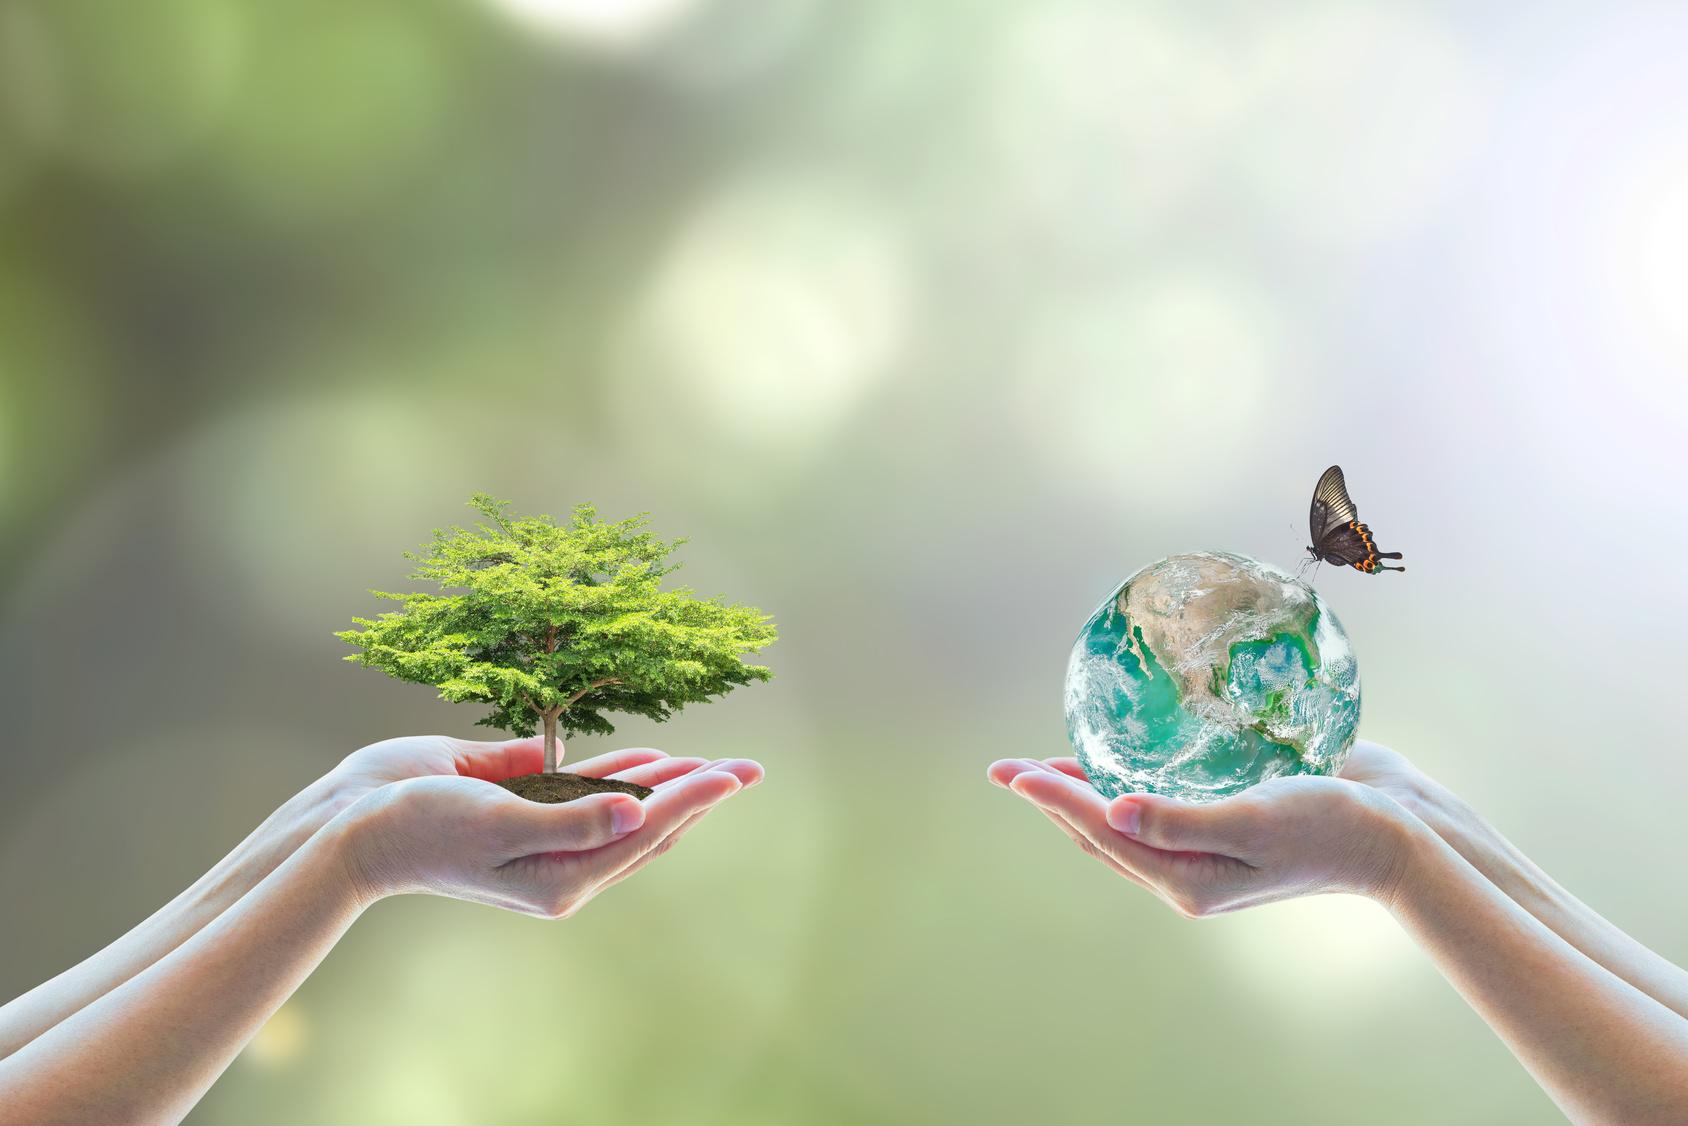 Zukunftstechnologien und nachhaltige Ressourcen